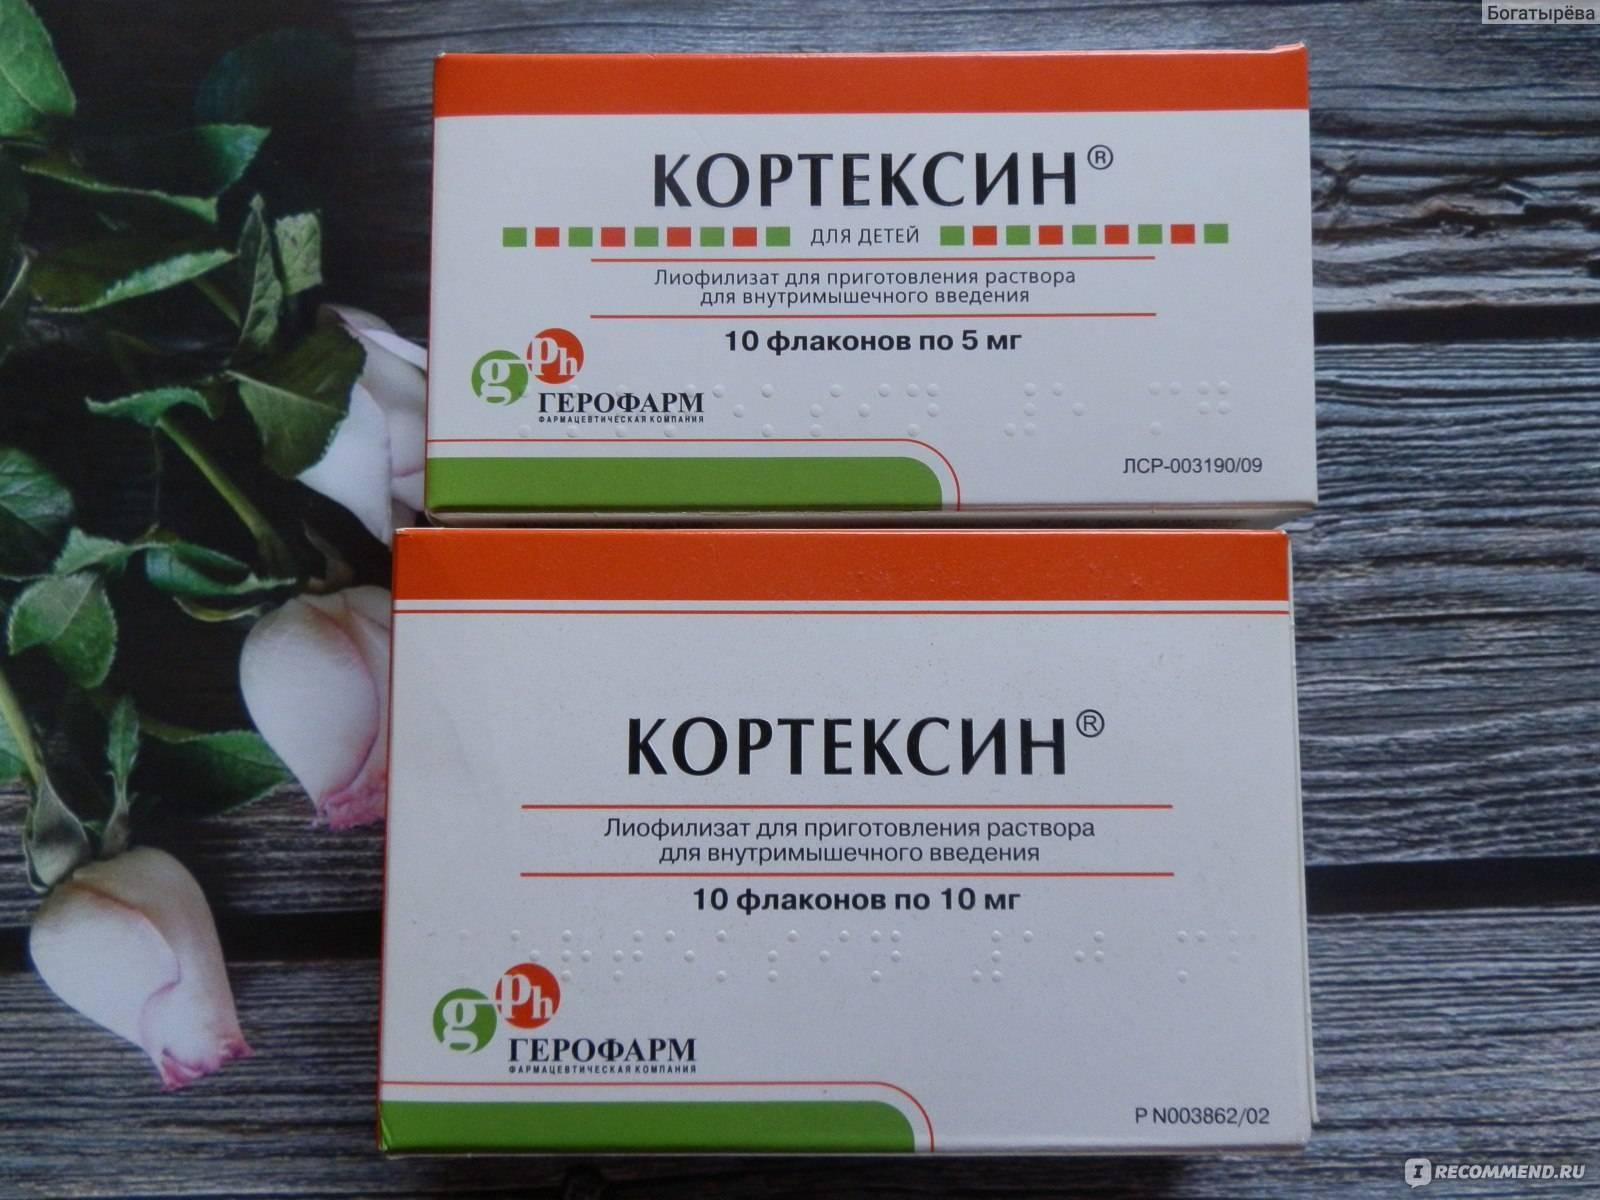 Кортексин: инструкция по применению, аналоги, цена, отзывы